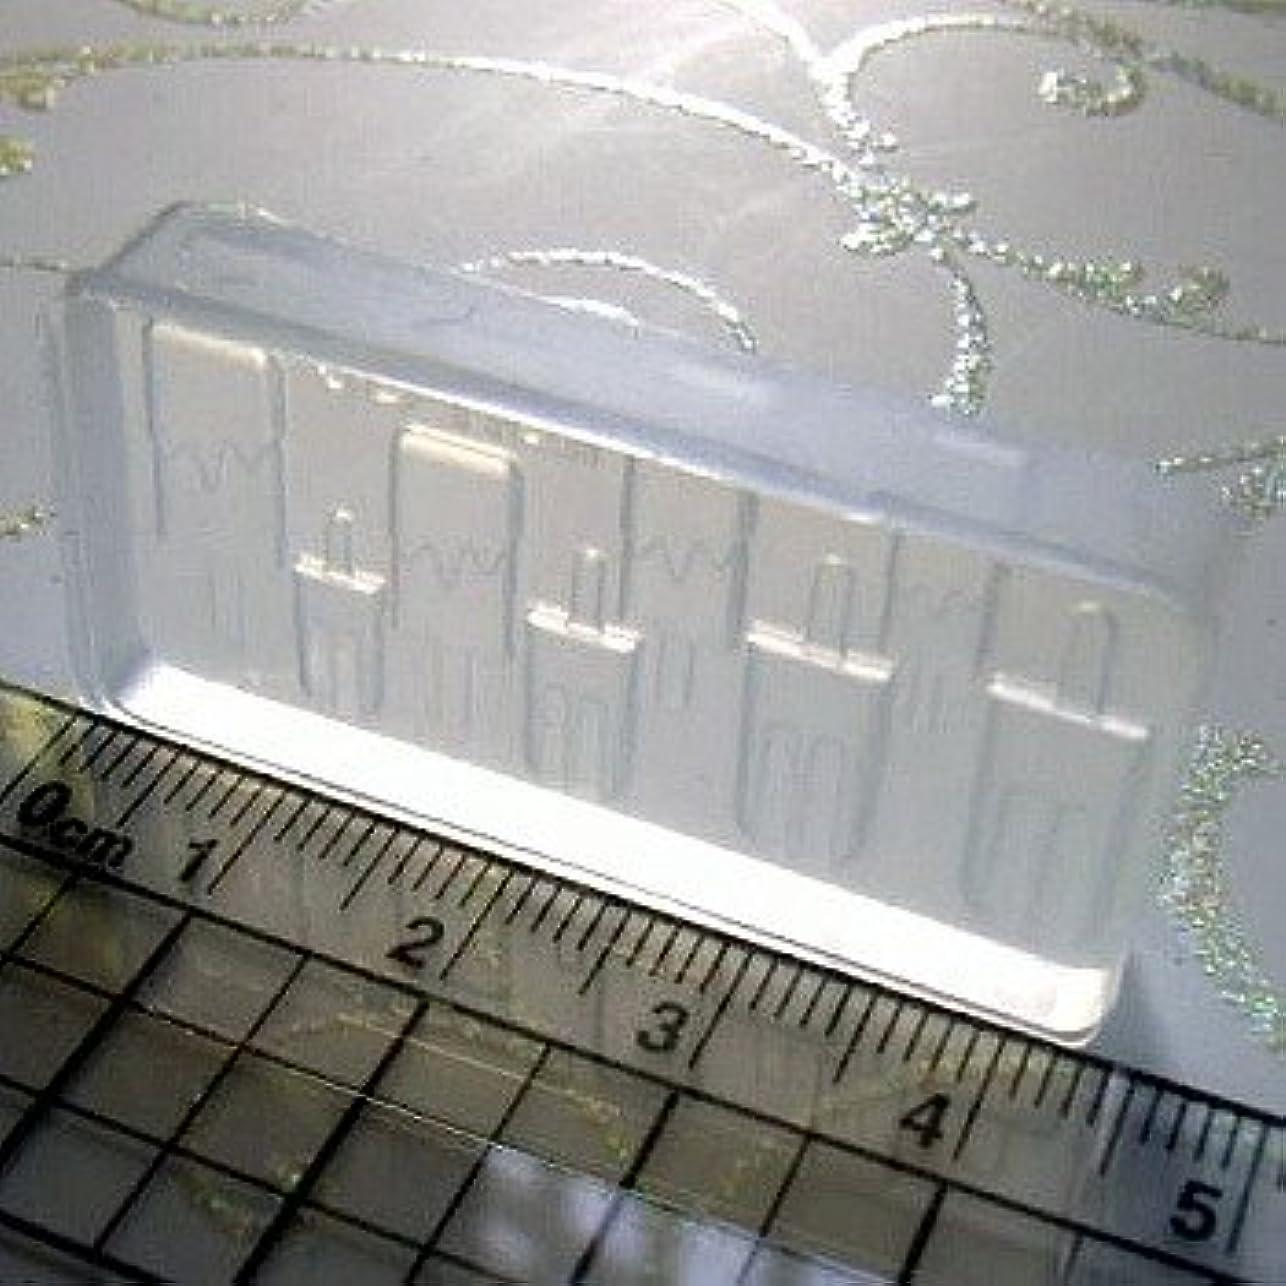 広々珍味レイアウト3Dシリコンモールド 自分でできる3Dネイル ネイルアート3D シリコン型 アクリルパウダーやジェルで簡単に!